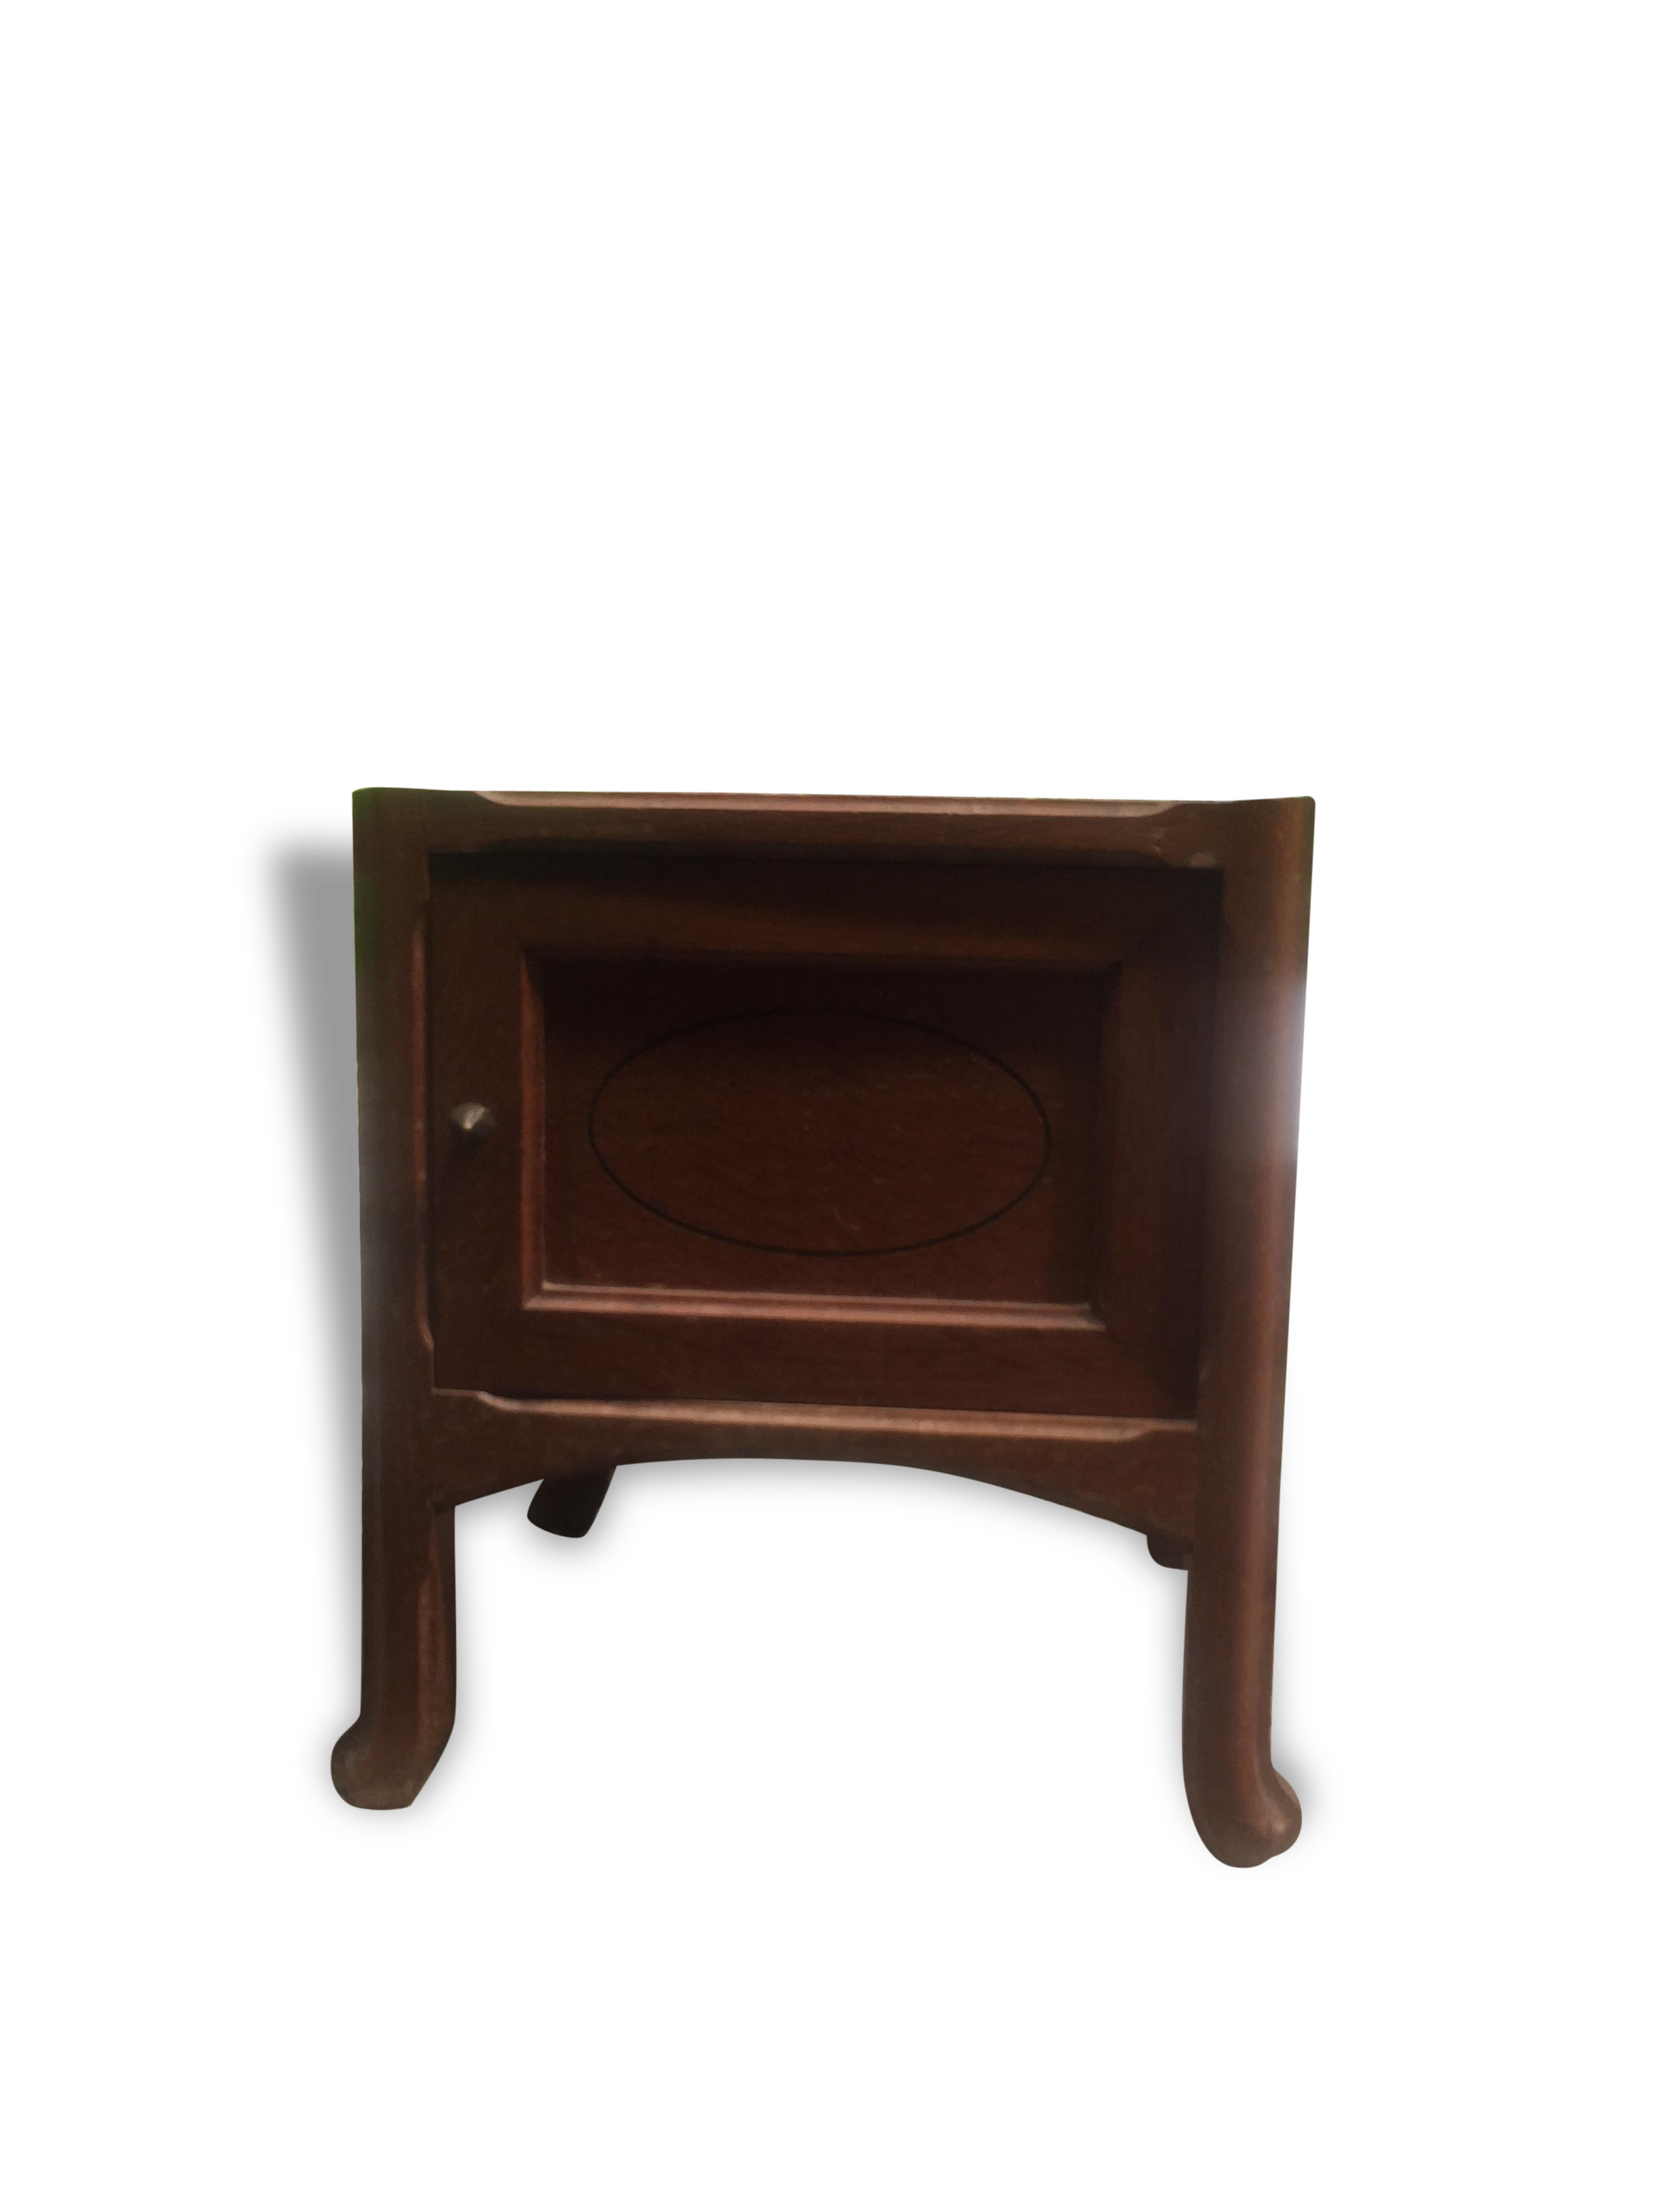 Meuble de chevet table de nuit cm de largeur with meuble de chevet table de chevet xx alix - Table de chevet vertbaudet ...